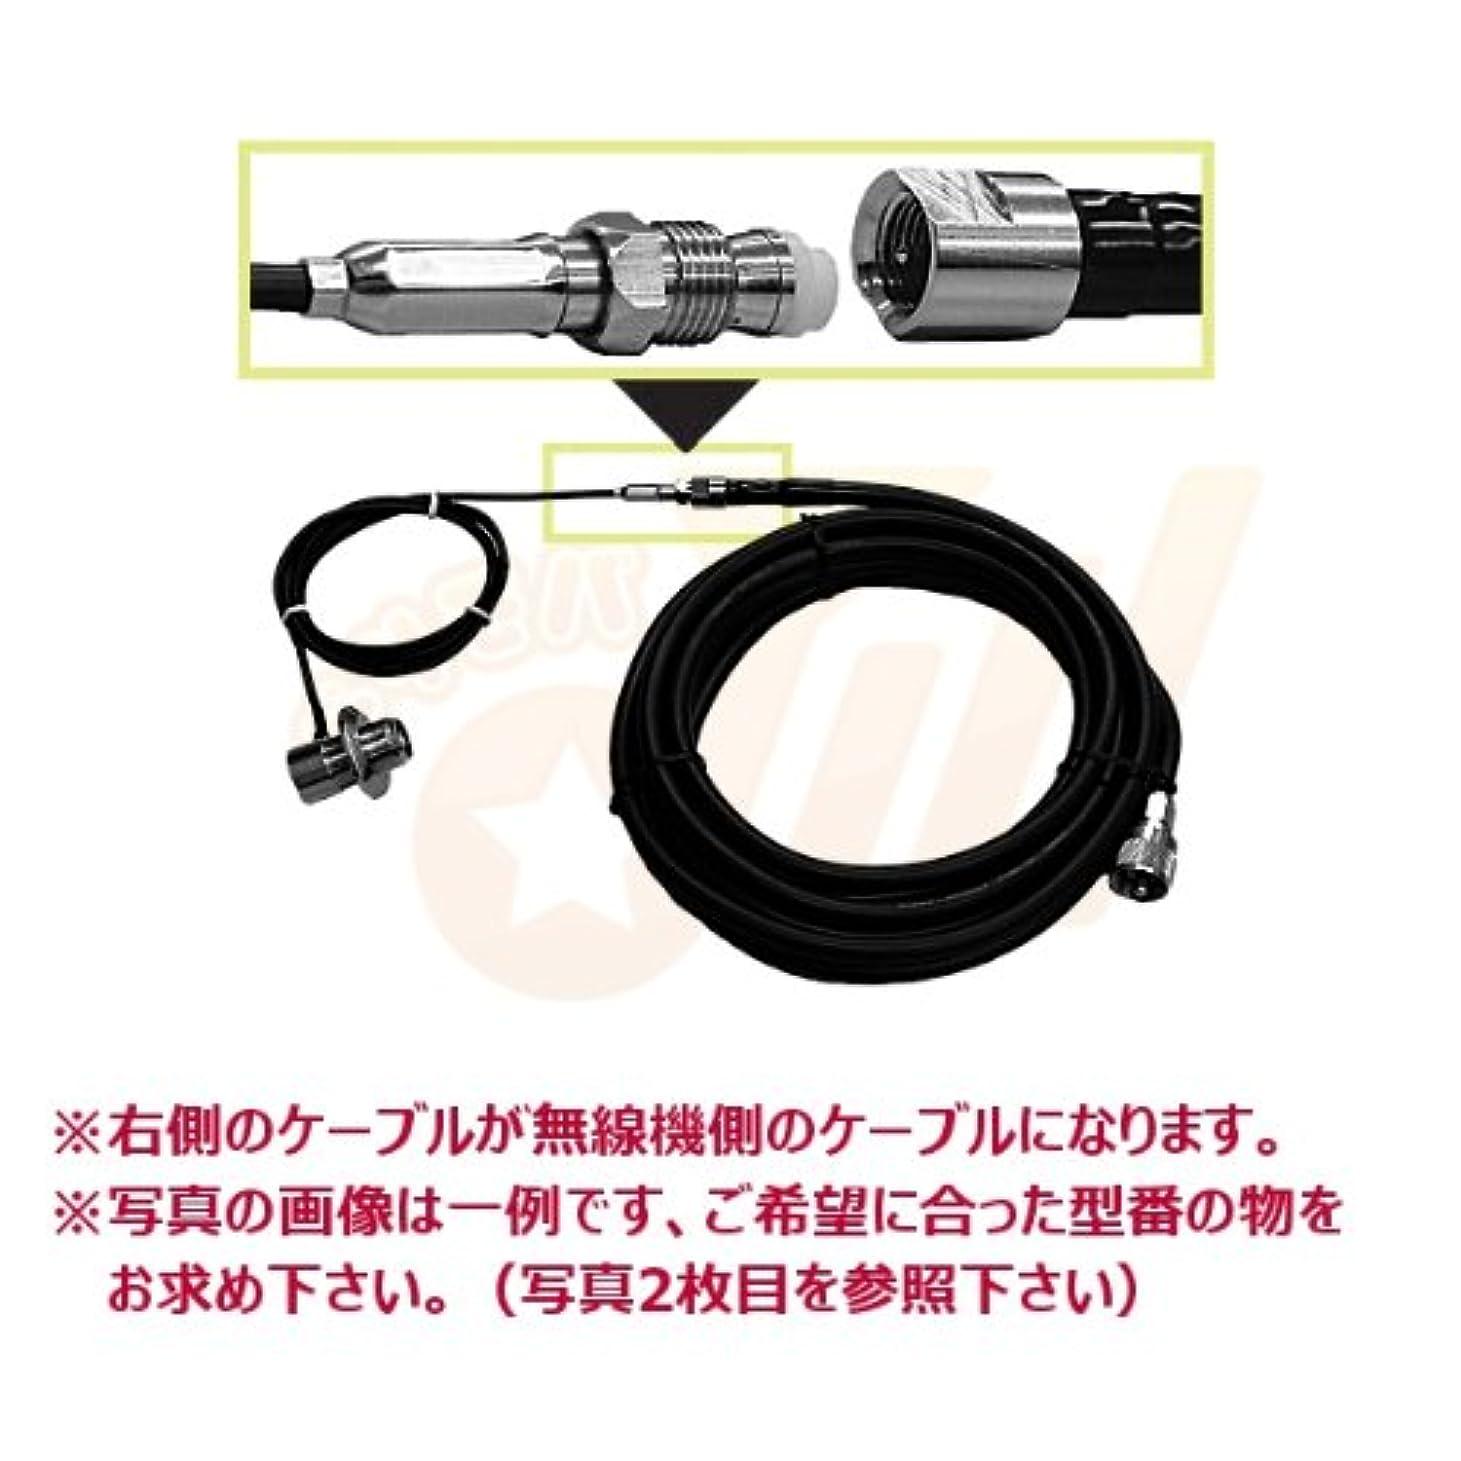 予報挨拶する待ってCOMET コメット FSシリーズ車載用同軸ケーブル 無線機側ケーブル(5DQEFV) F535M